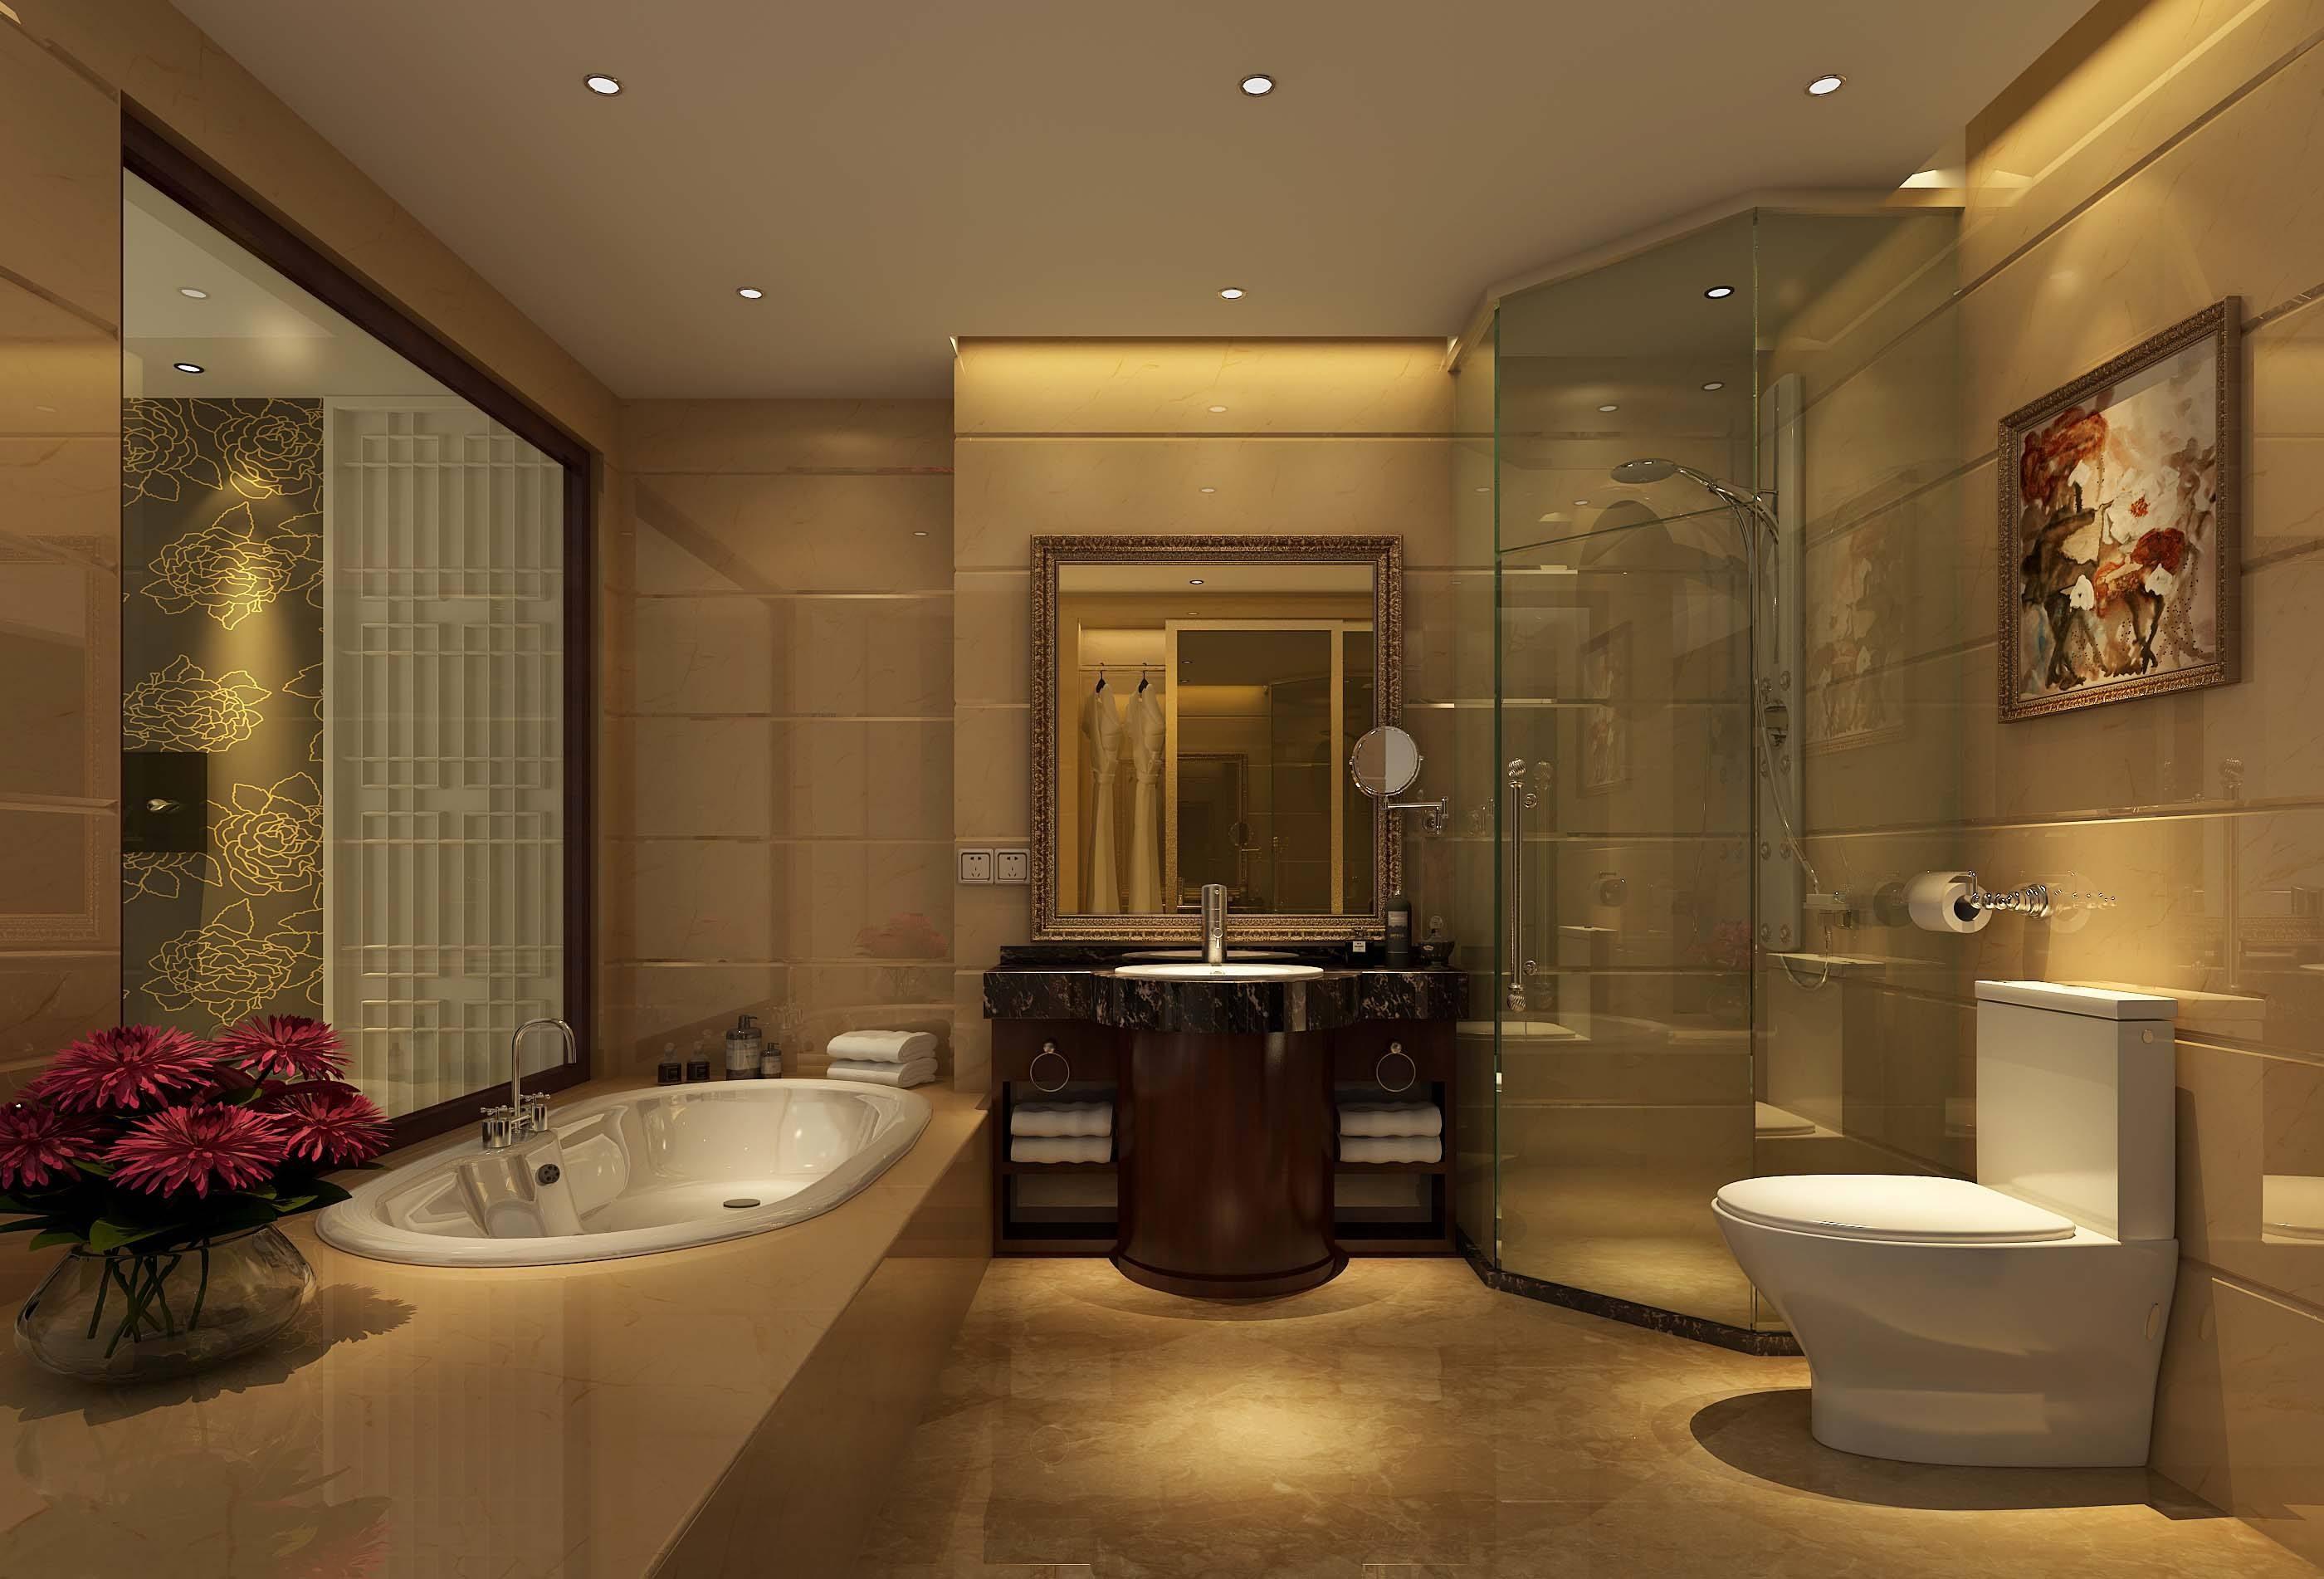 卫生间筒灯—卫生间选择筒灯、吸顶灯还是射灯呢